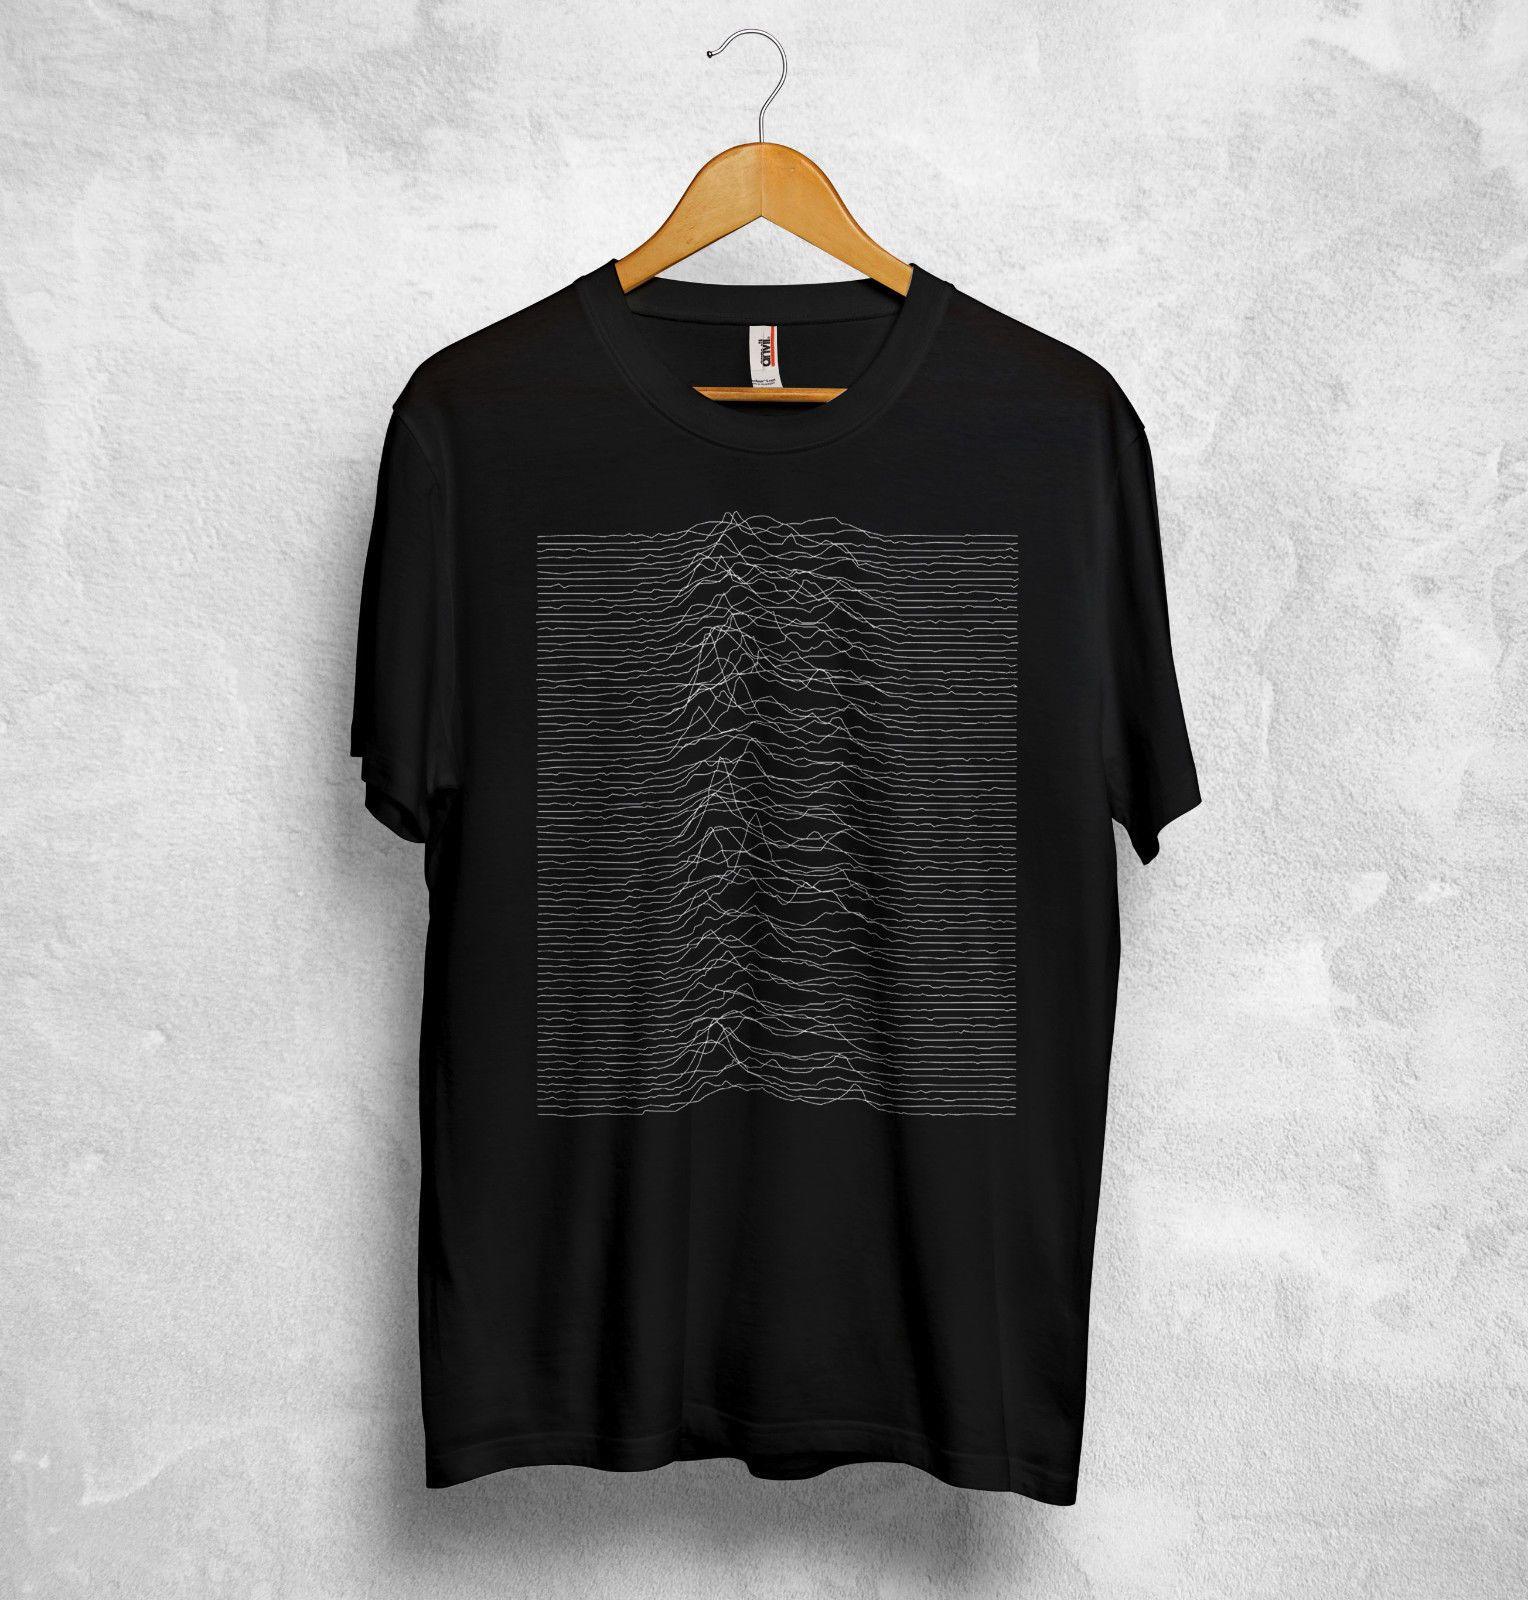 Plaisirs inconnus T Shirt Top Joy Division Anglais Rock Transmission La Cure Nouveau Mode pour Hommes T-Shirt Manches Top Tee